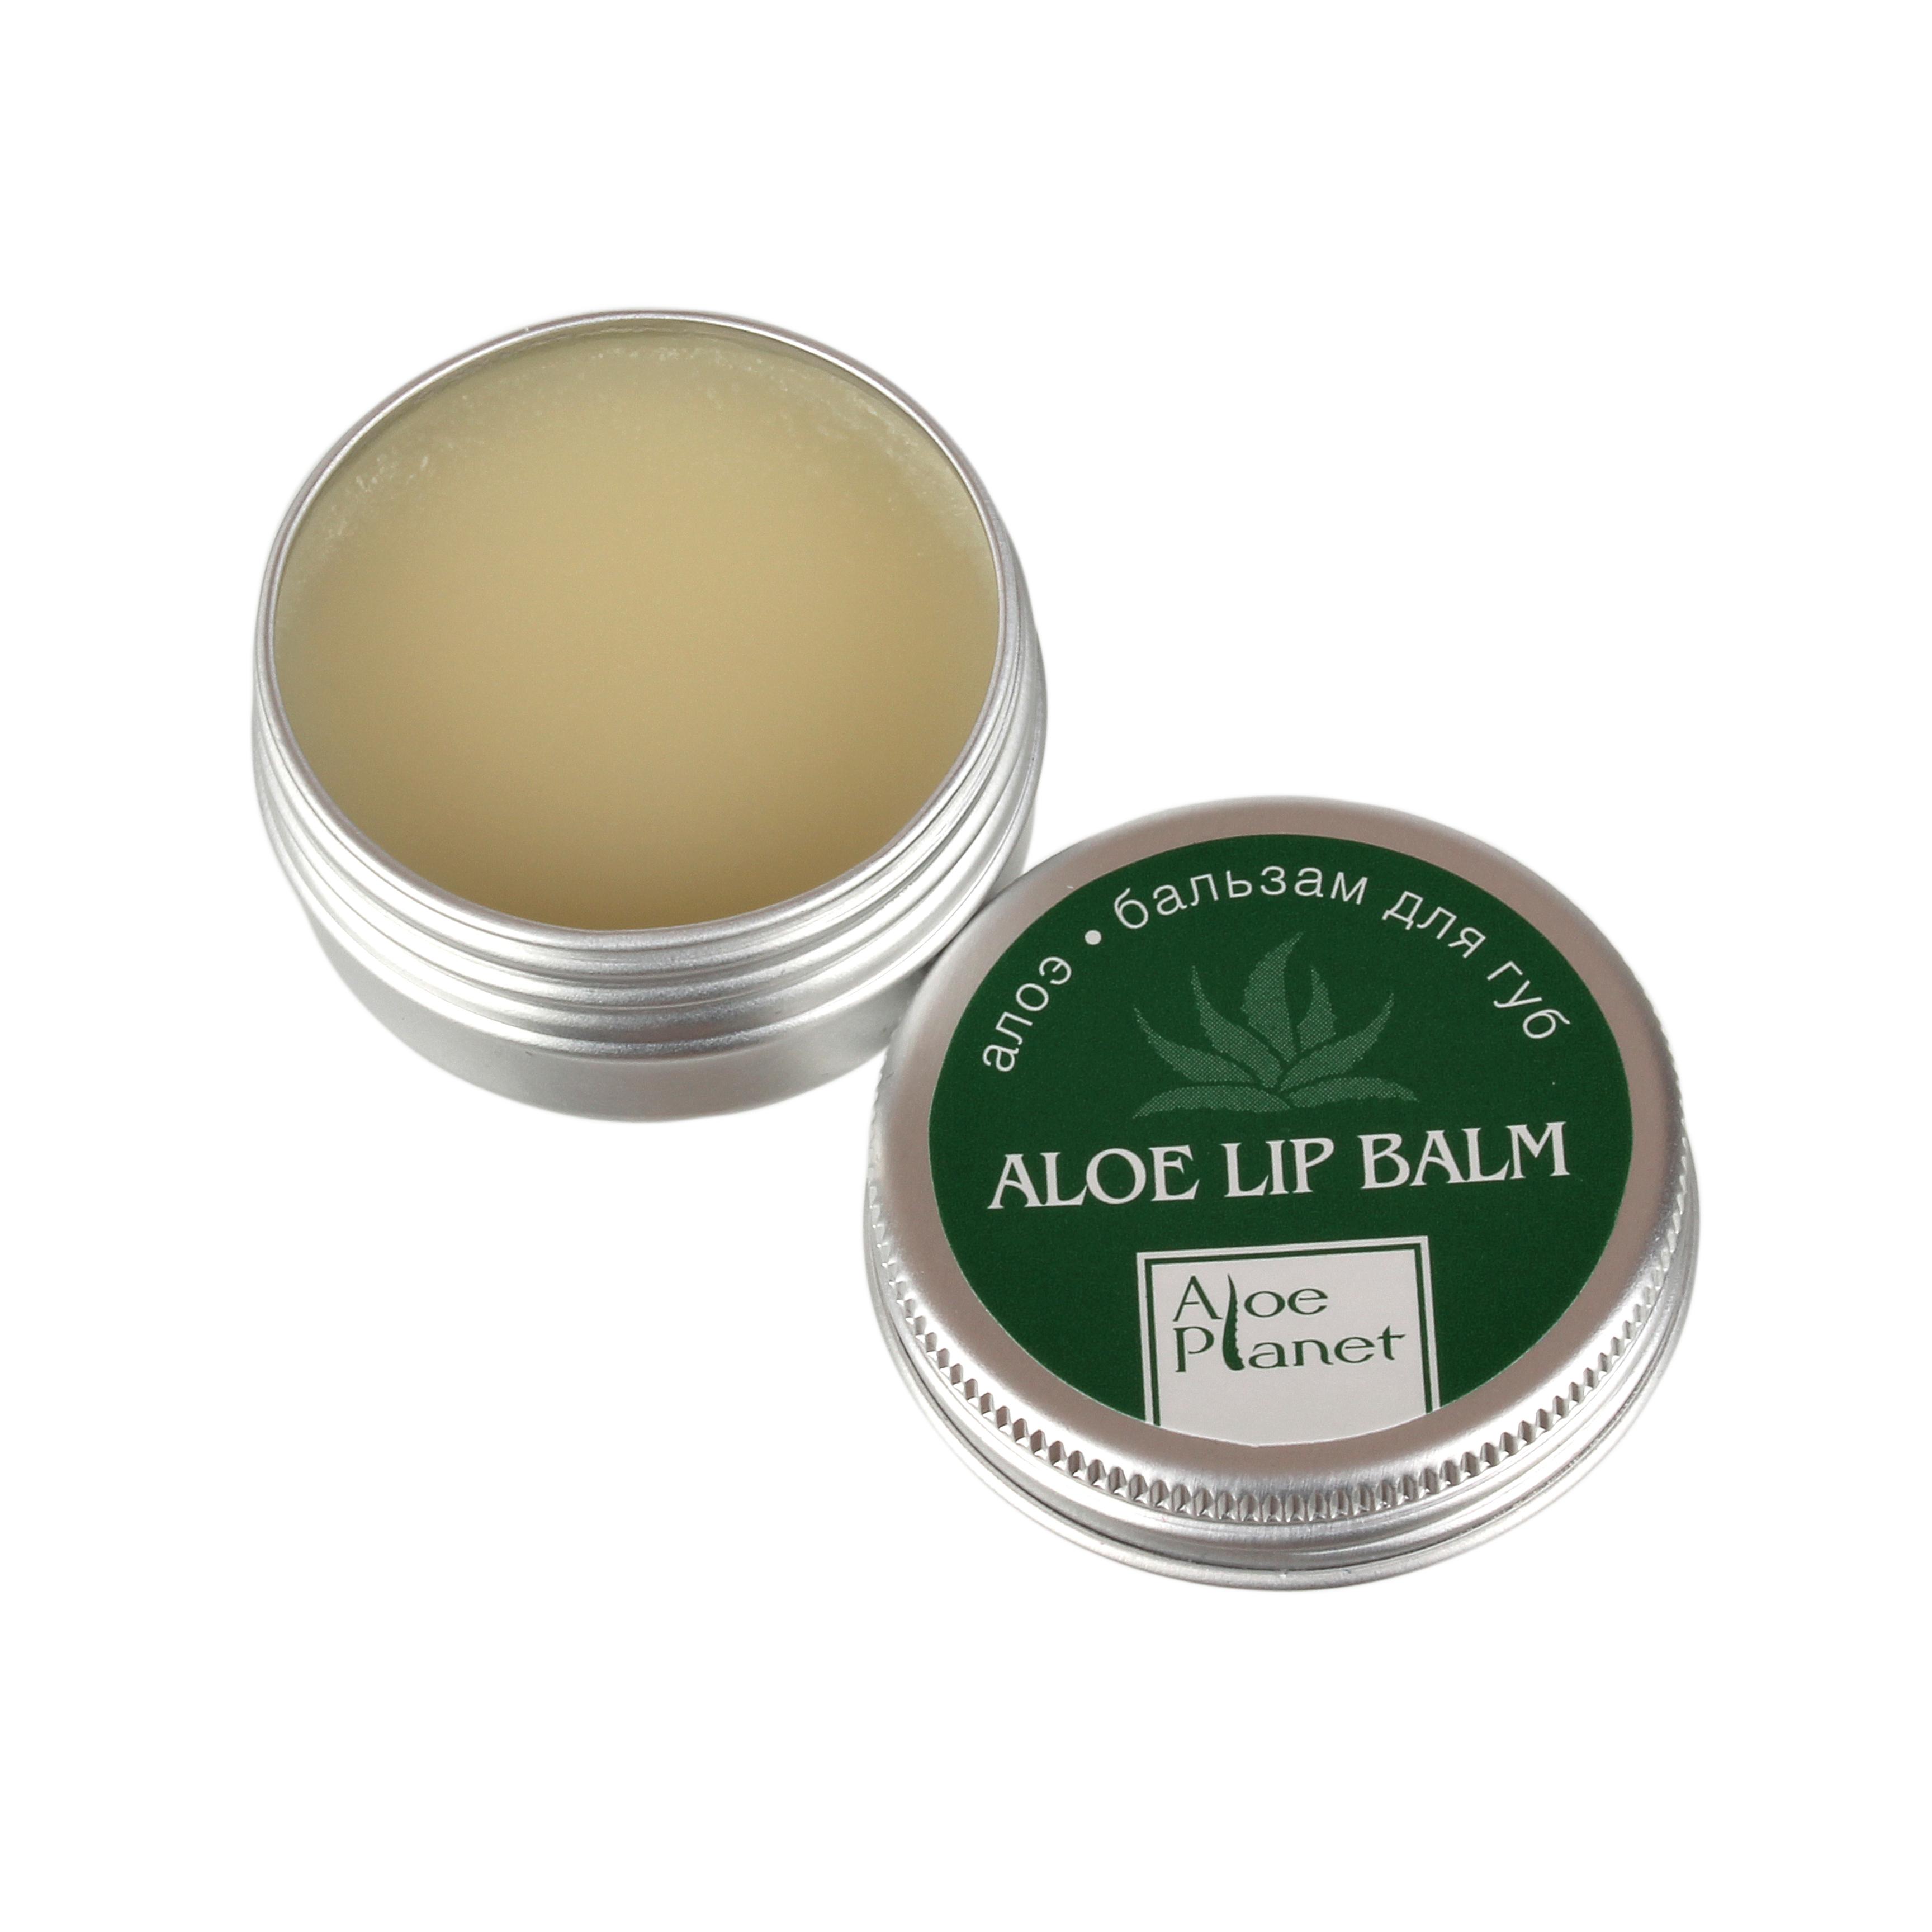 ALOE PLANET Бальзам-алоэ для губ 12 мл -  Бальзамы для губ